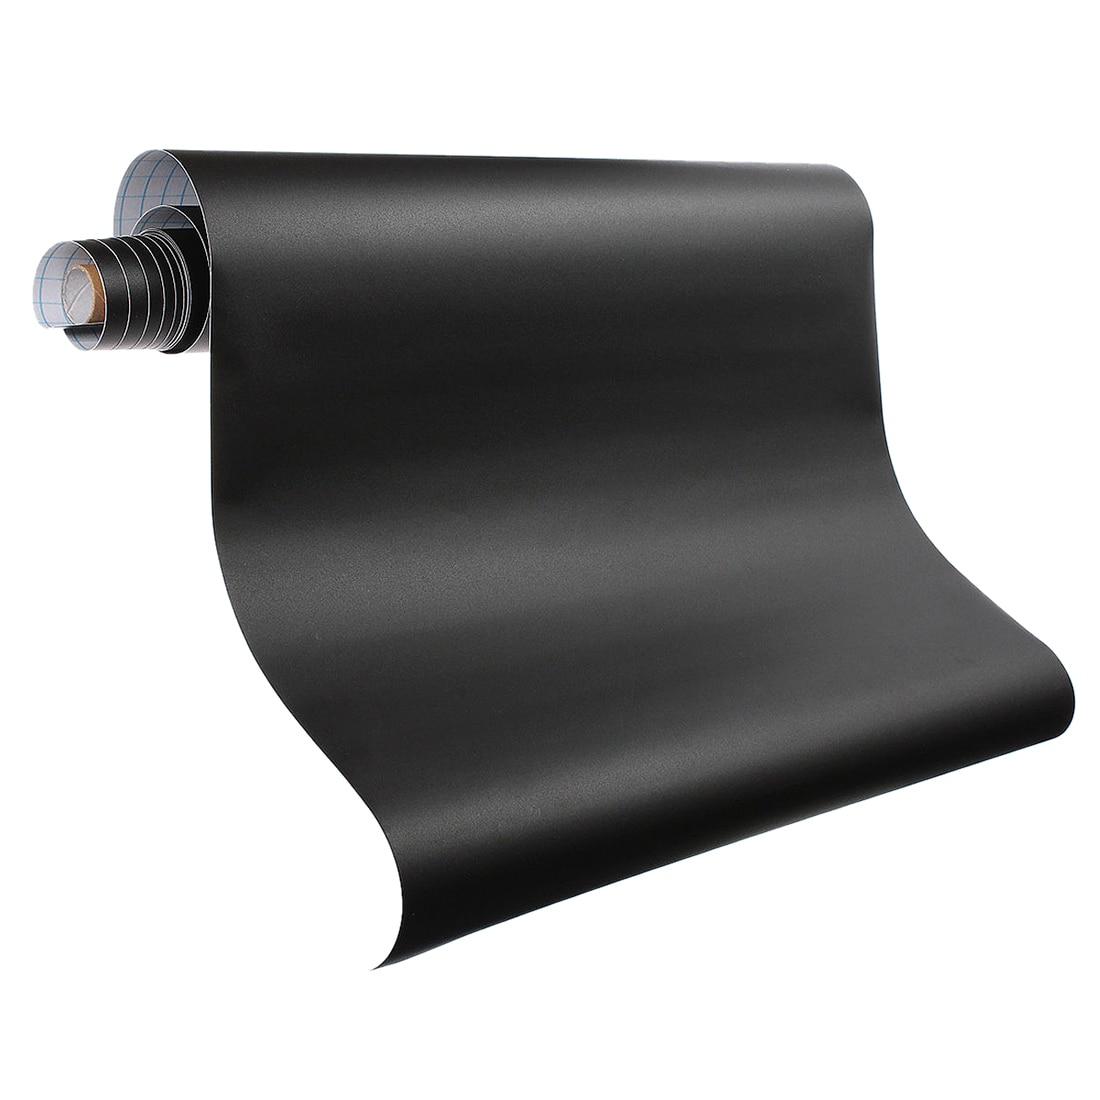 Hot sale 200x60cm Removable Chalkboard Vinyl Wall Sticker Chalkboard Decal Peel Stick